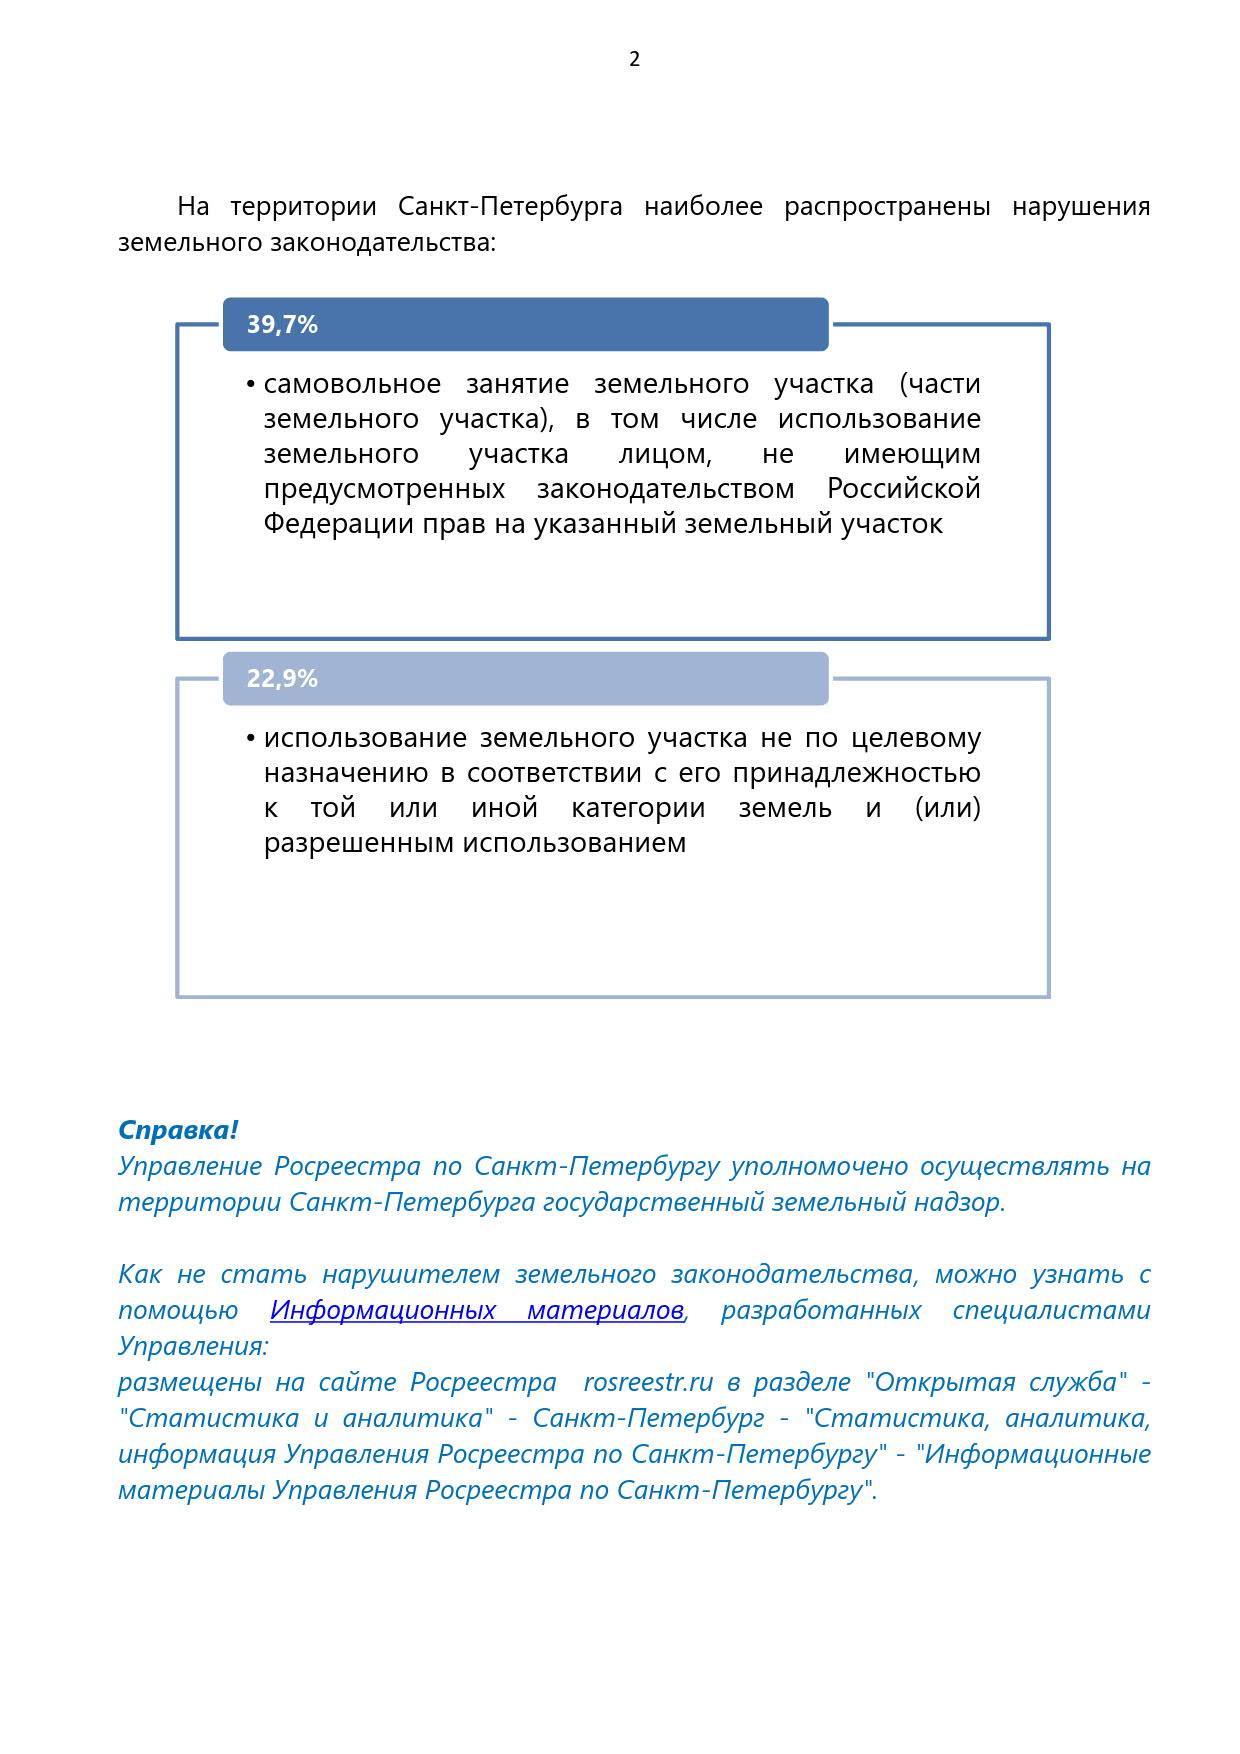 Более 5 миллионов рублей штрафов - результат работы земельного надзора в Петербурге за 9 мес 2019_2